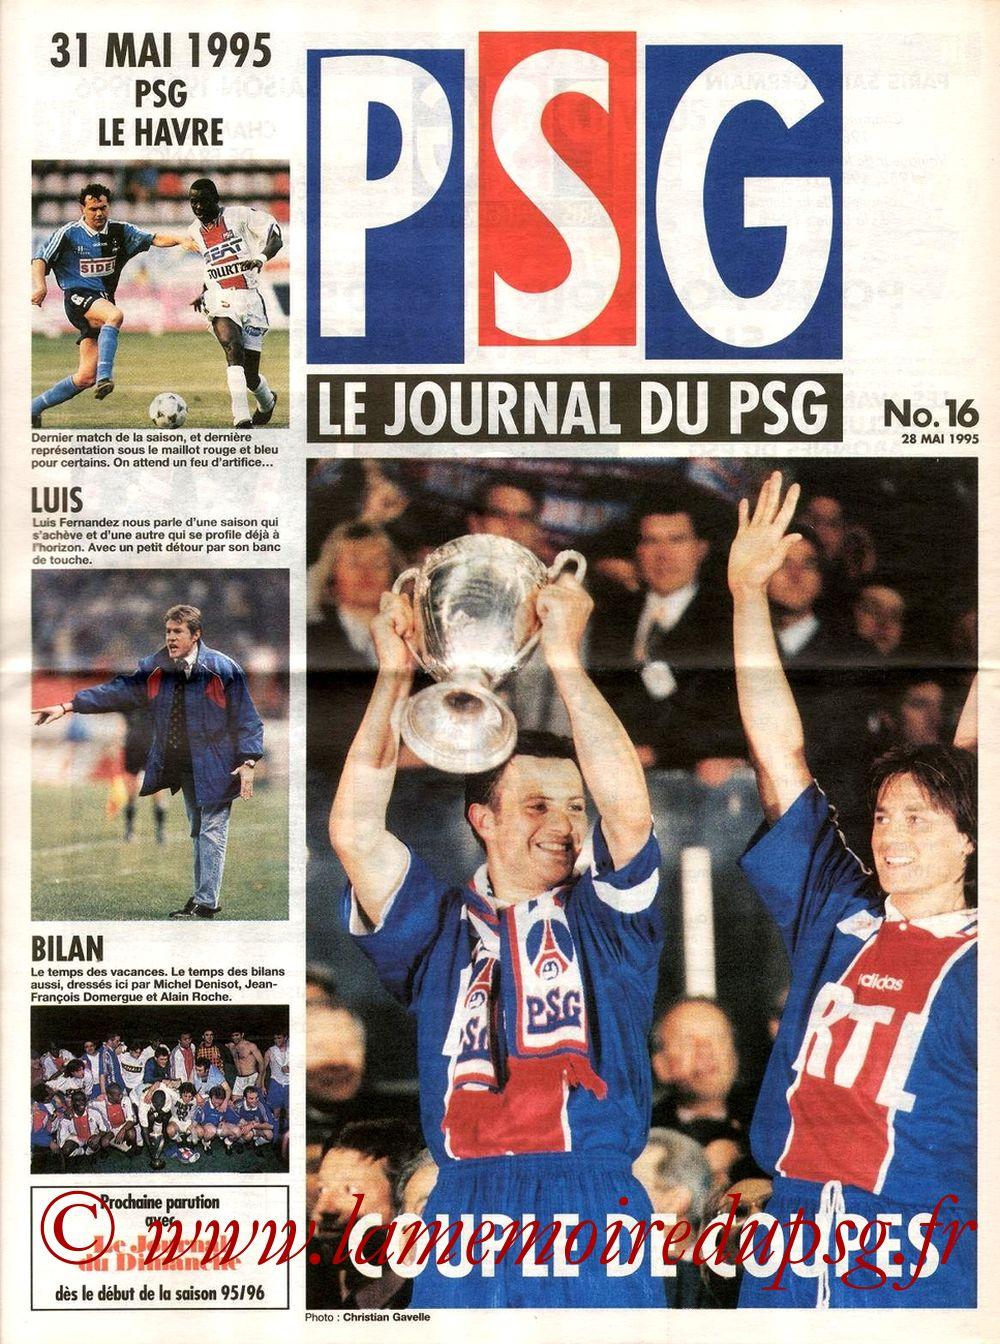 1995-05-31  PSG-Le Havre (38ème D1, Le journal du PSG N°16)